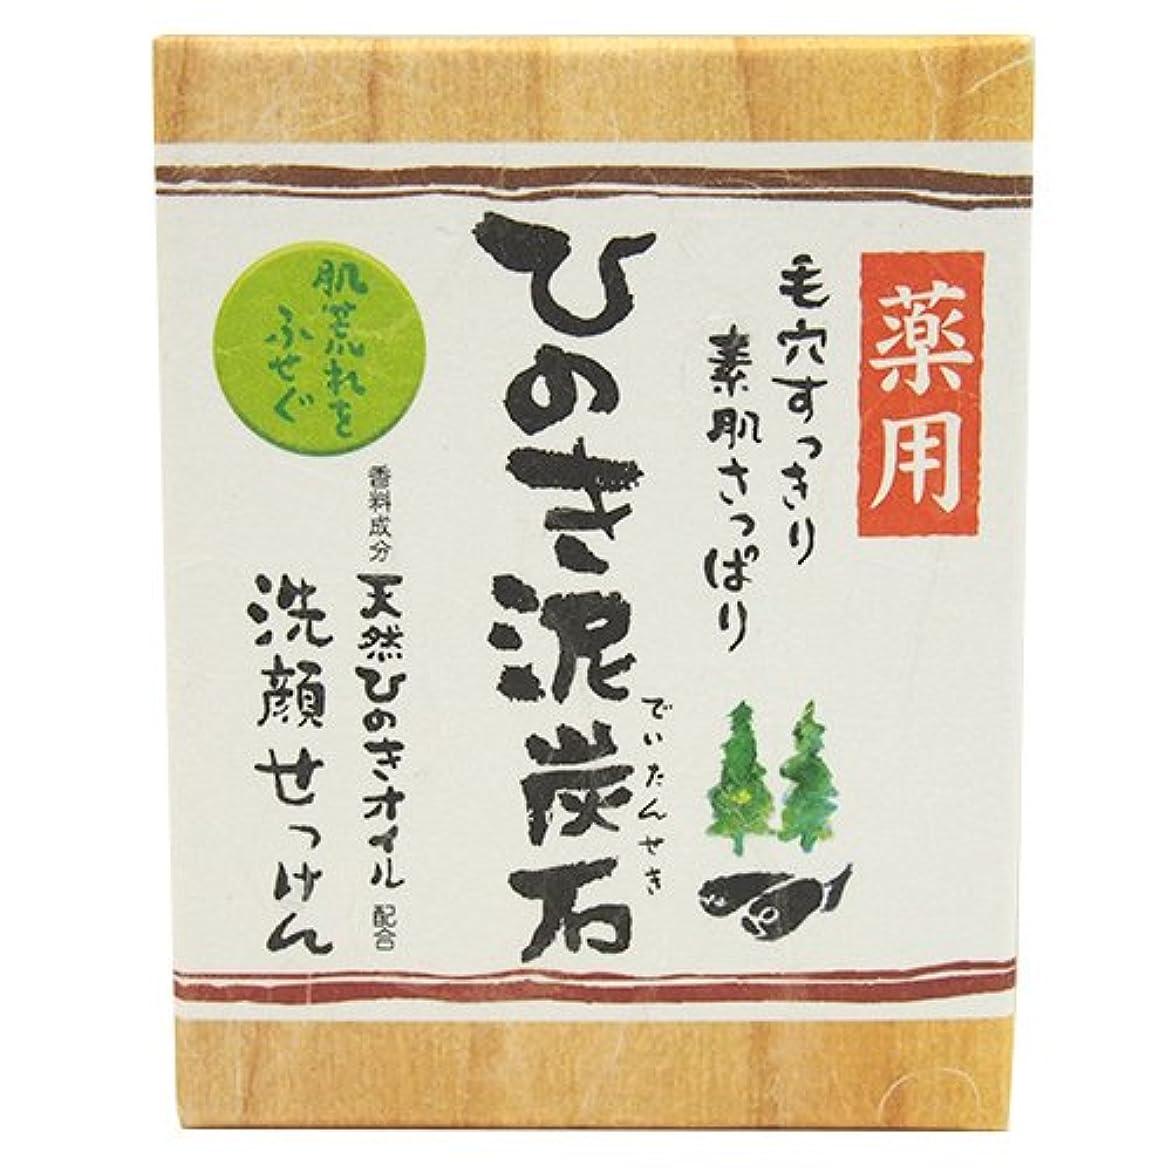 ふつう結婚式約束する東京宝 薬用ひのき泥炭石 すっきり黒タイプ 洗顔石鹸 75g